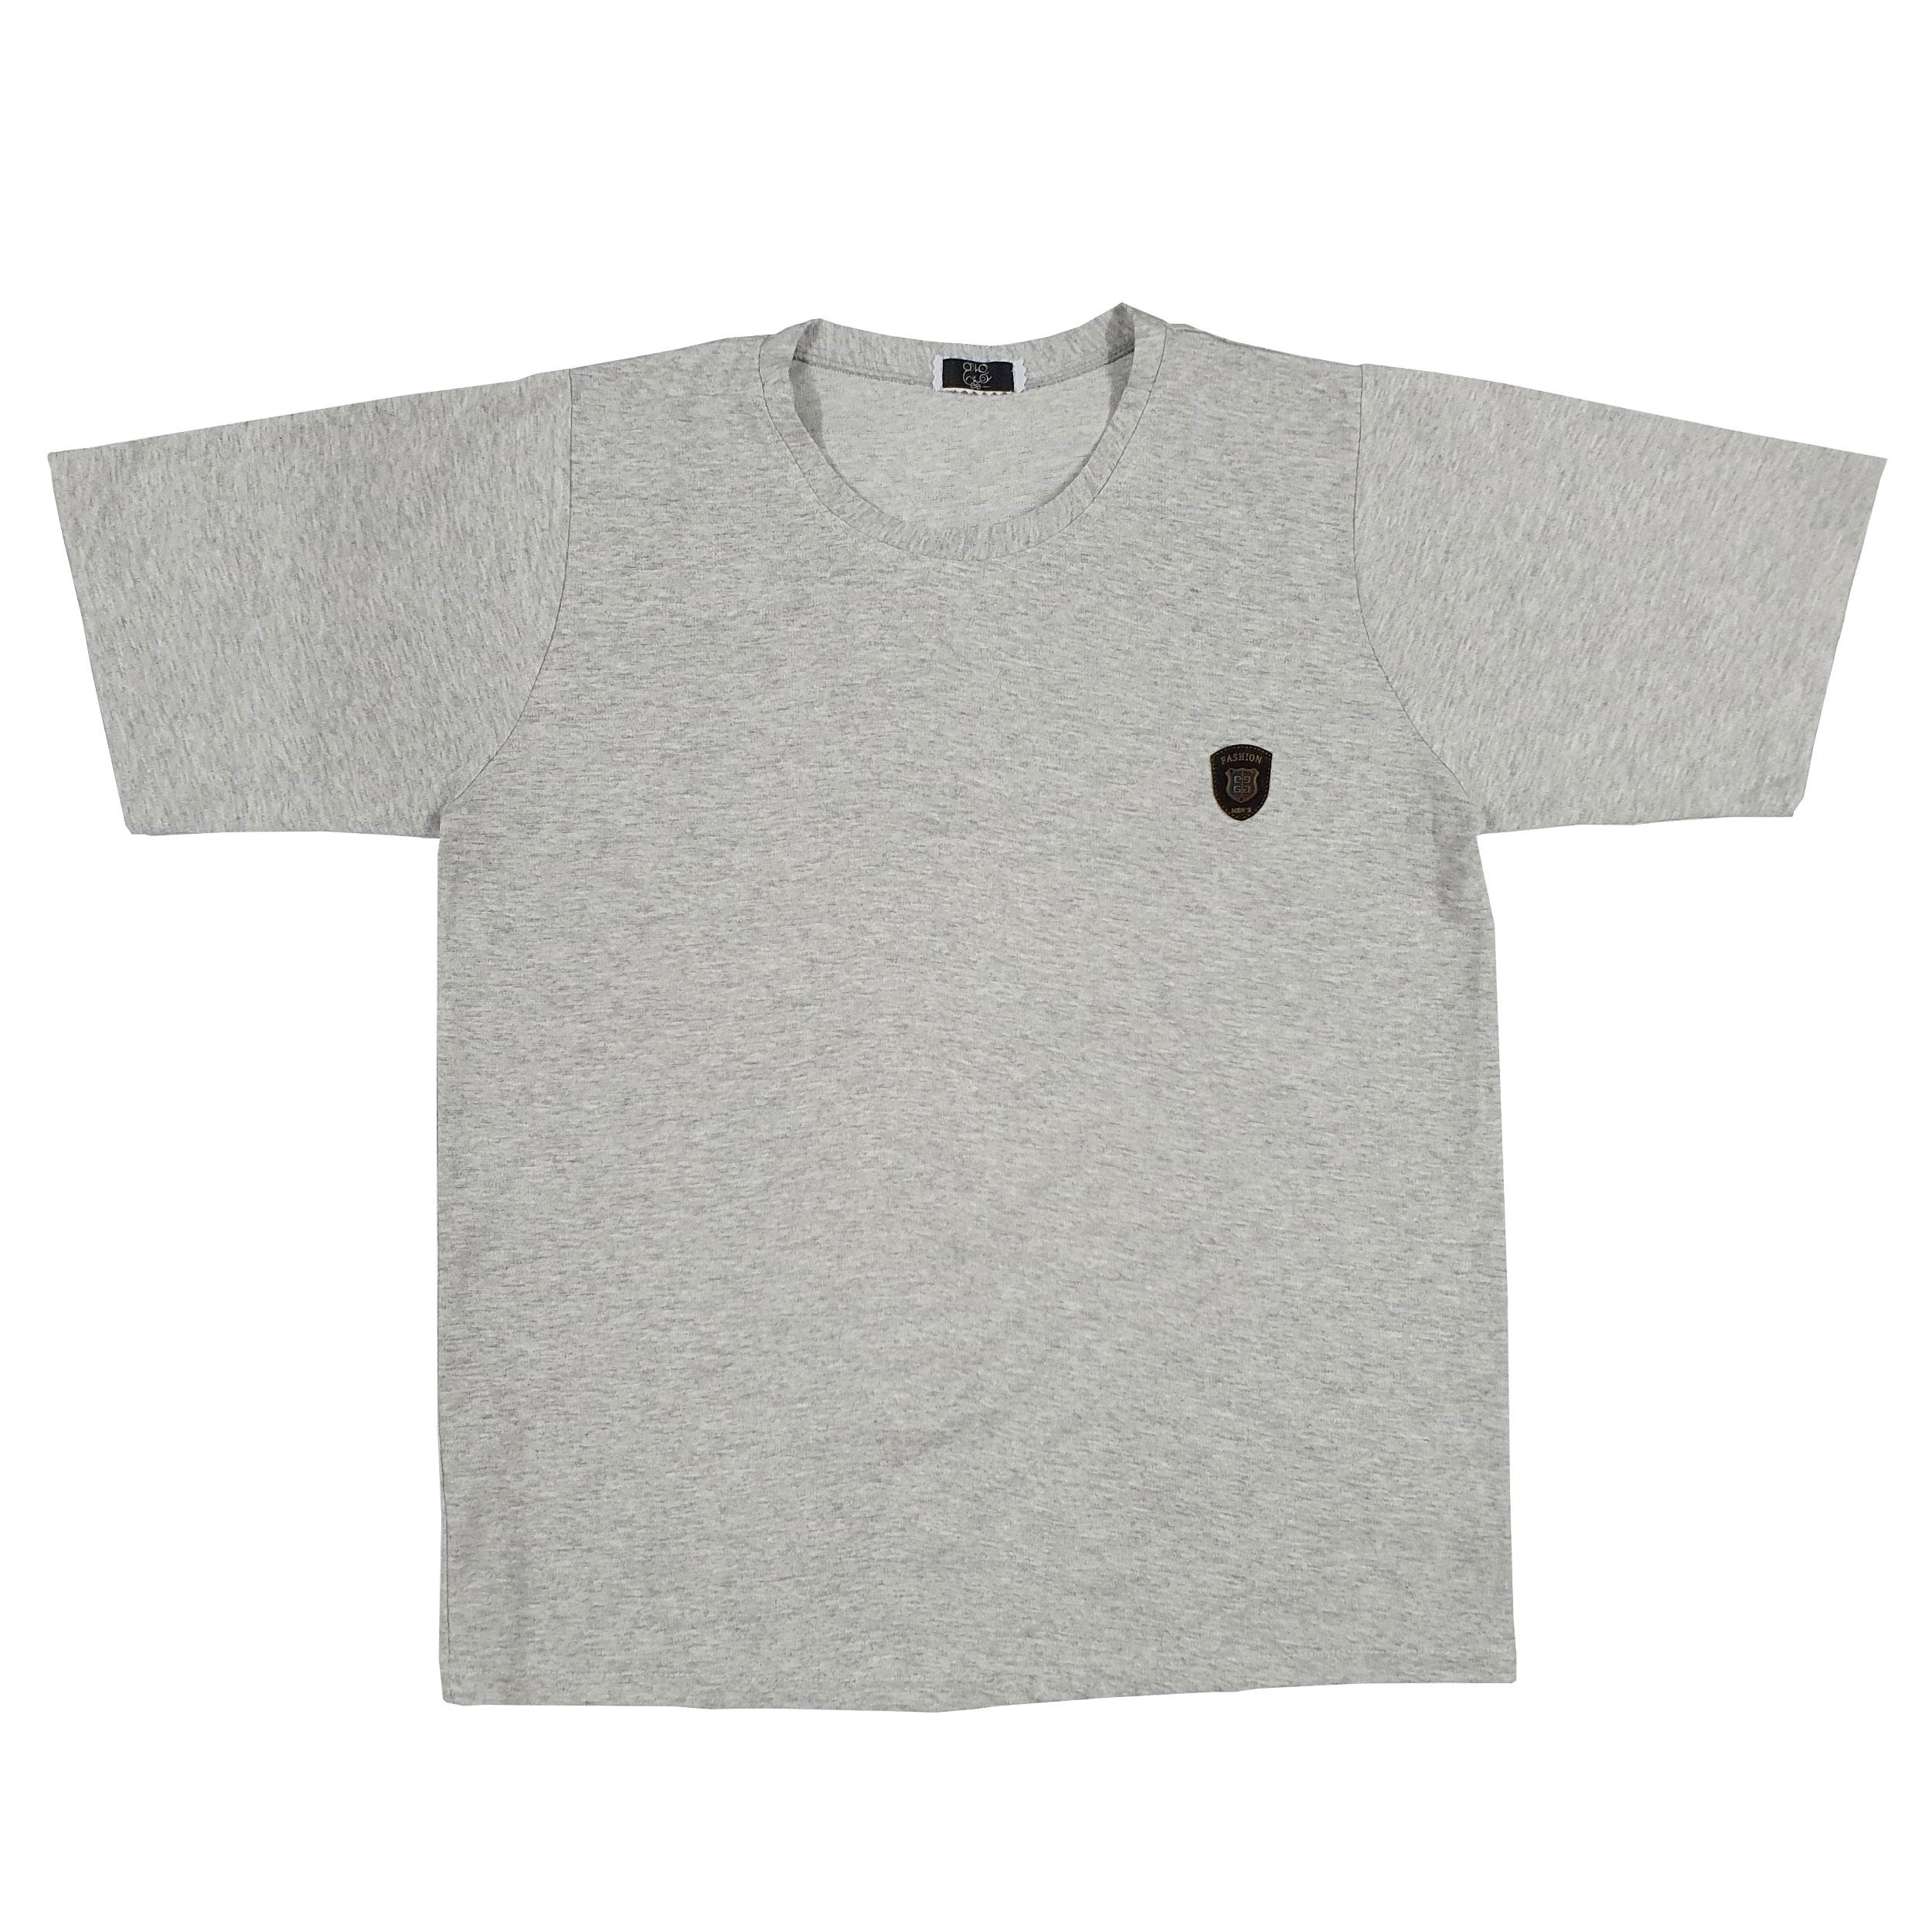 تی شرت آستین کوتاه مردانه مدل 14